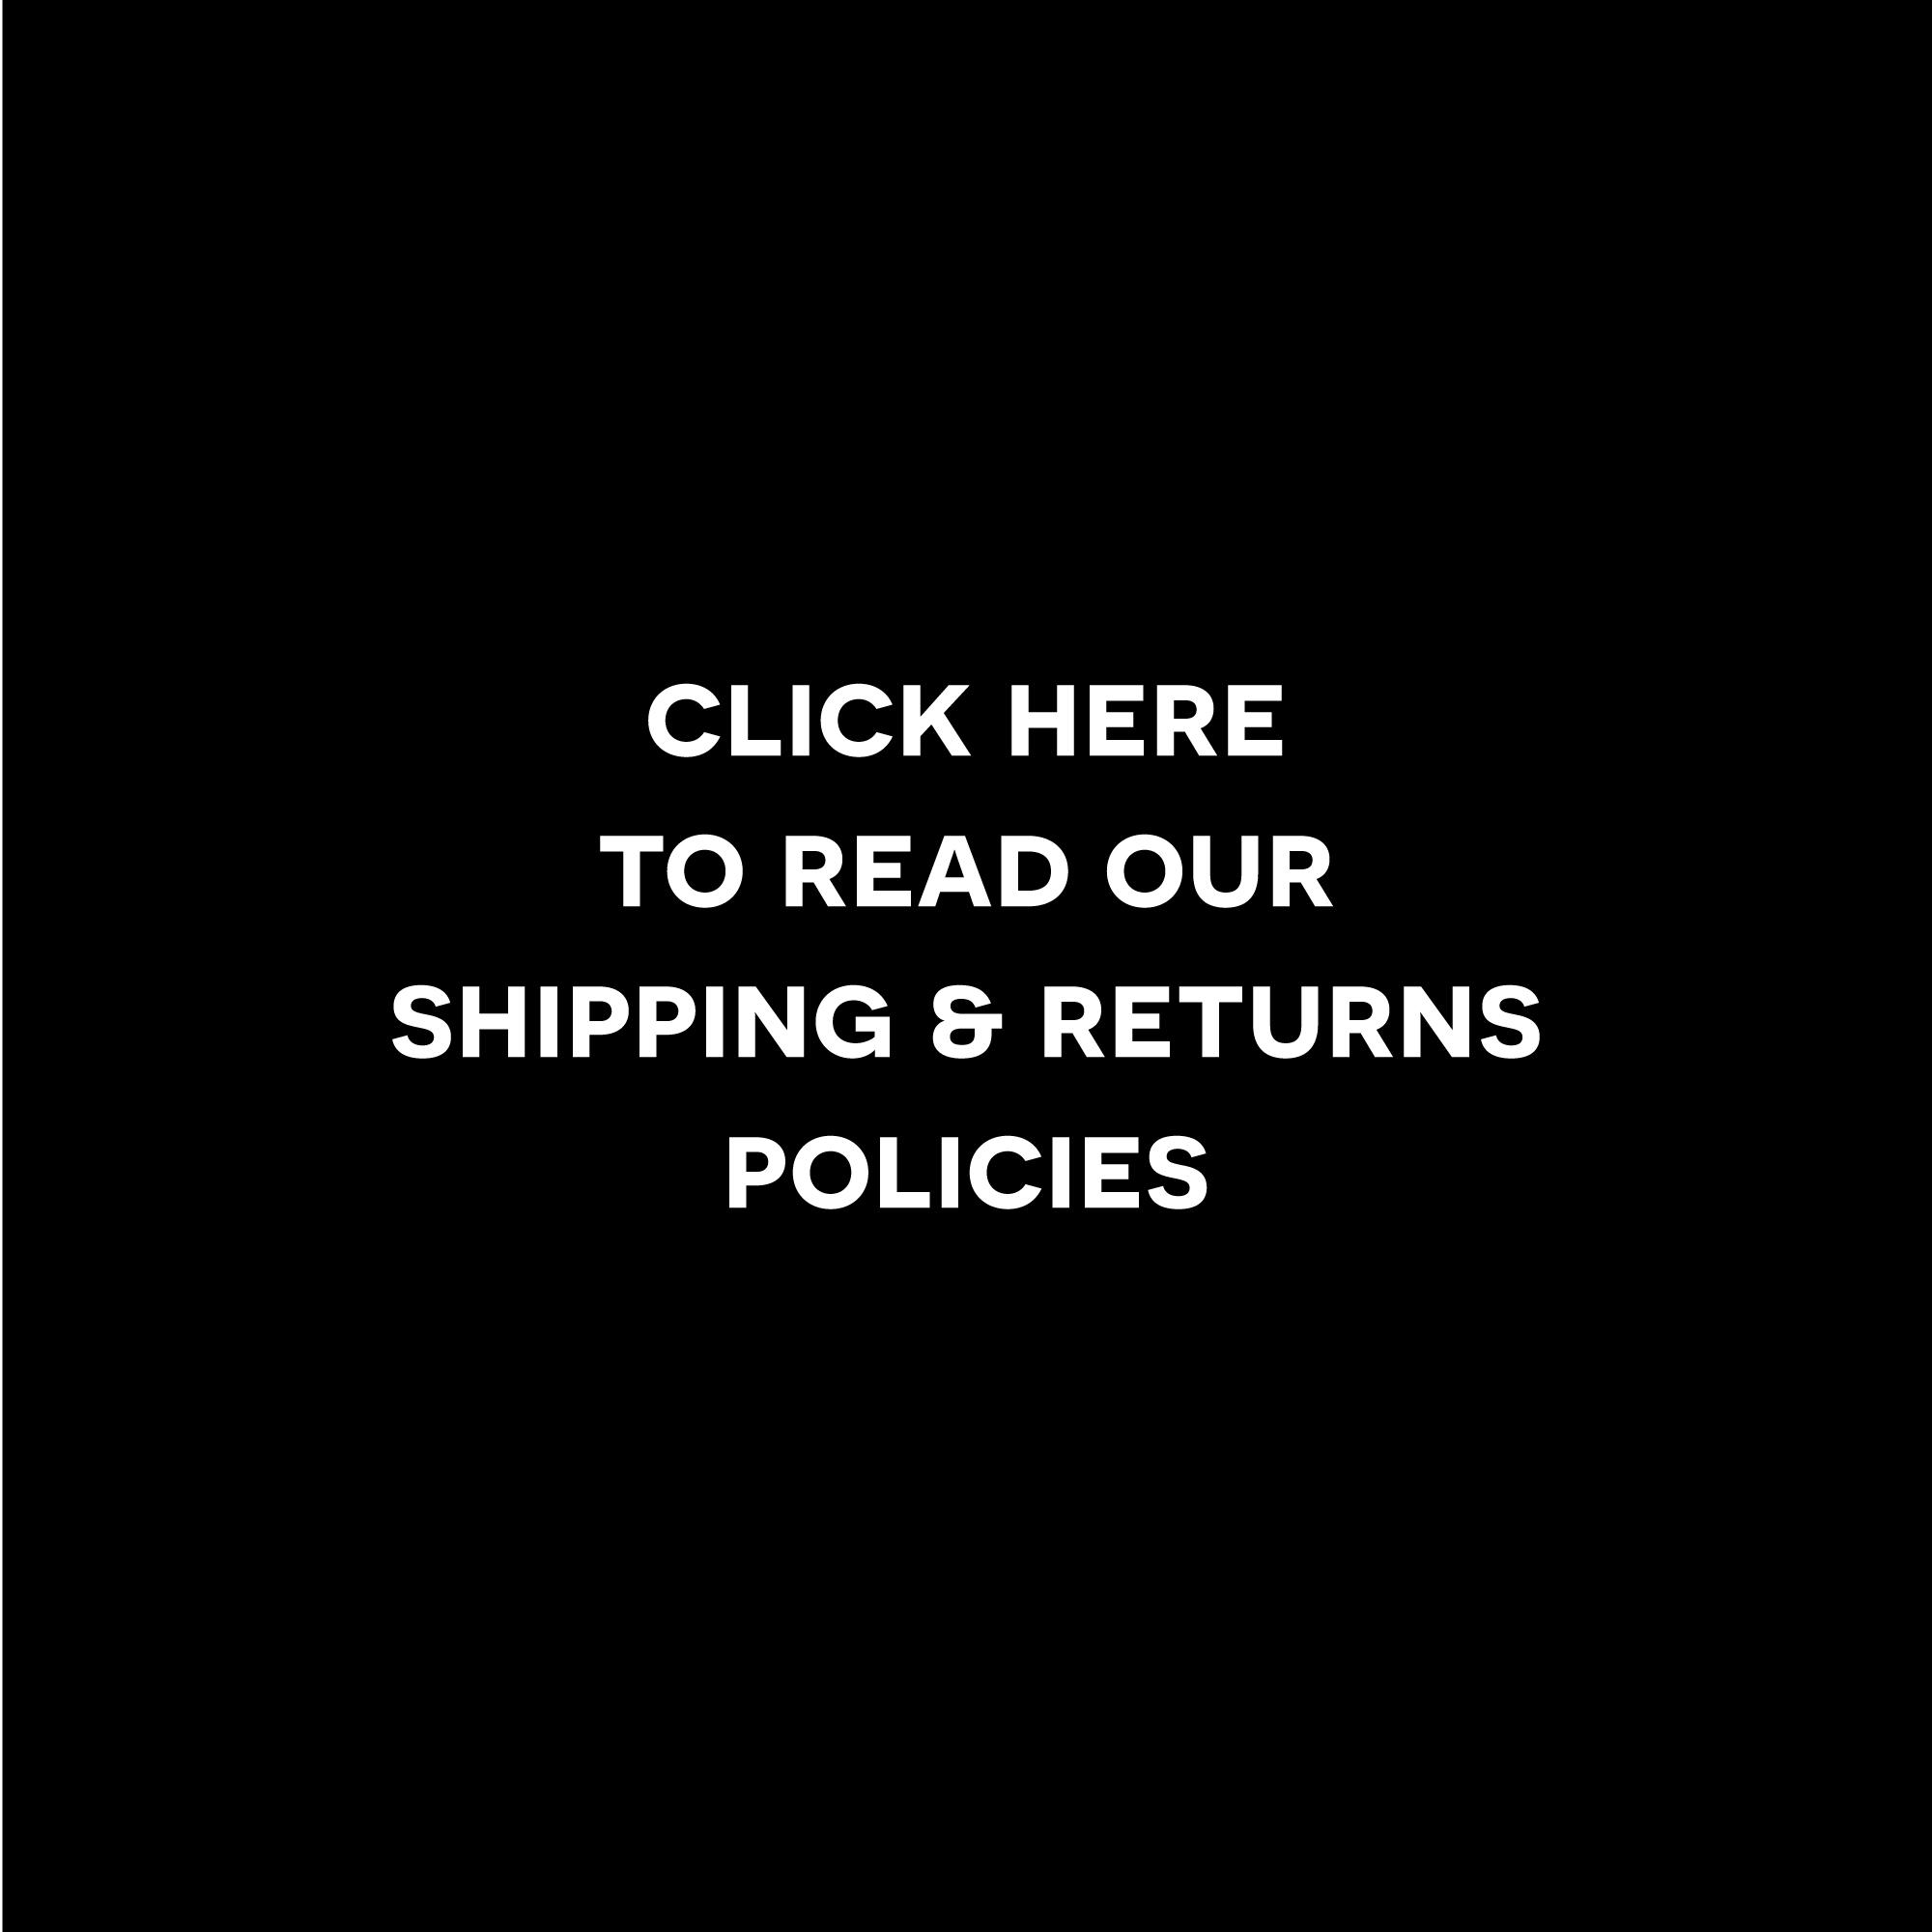 shippingandreturns.jpg